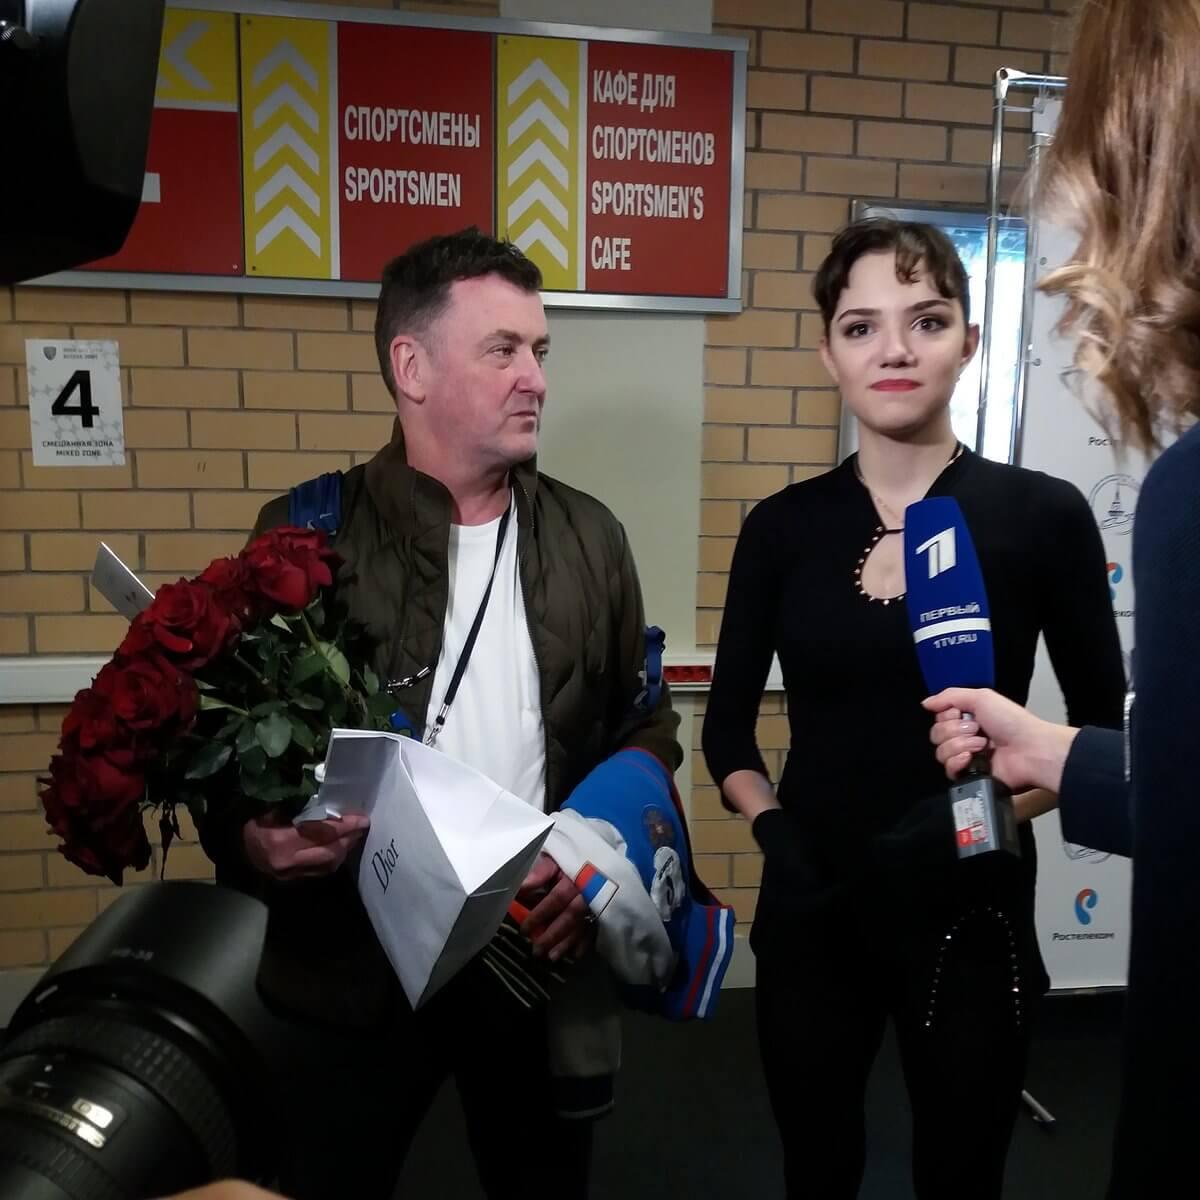 テストスケート後のメドベージェワ、ザギトワのインタ、画像まとめ!